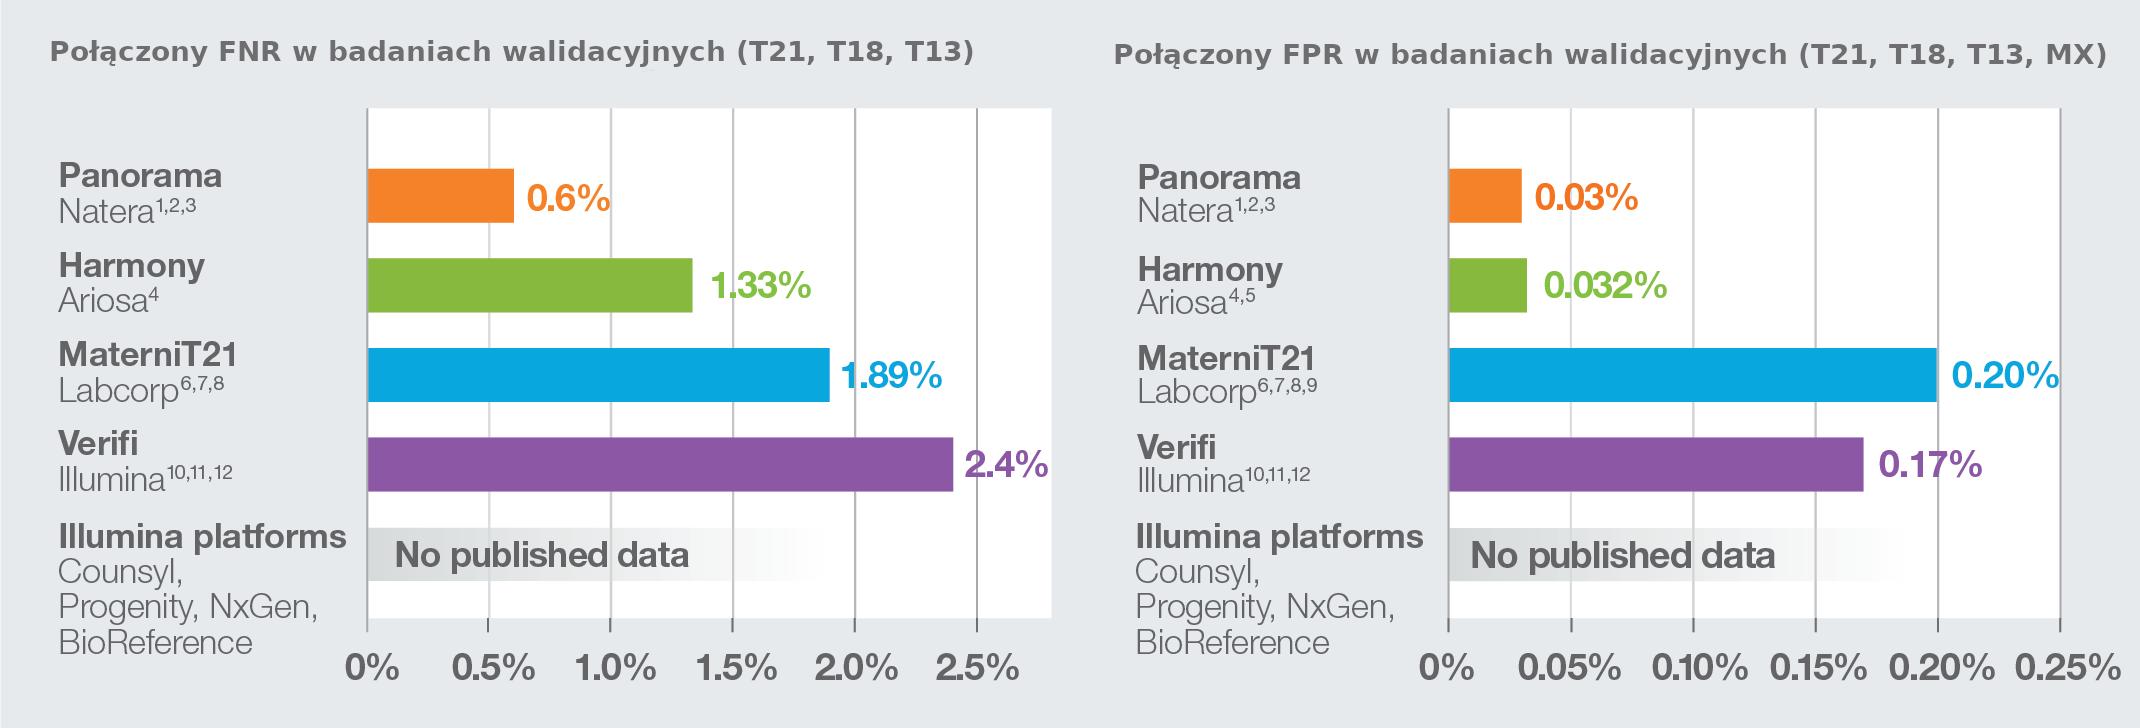 nych (Fpanorama test prenatalny  zmniejsza zarówno współczynniki wyników fałszywie ujemNR), jak i fałszywie dodatnich (FOR) w porównaniu do innych testów prenatalnych